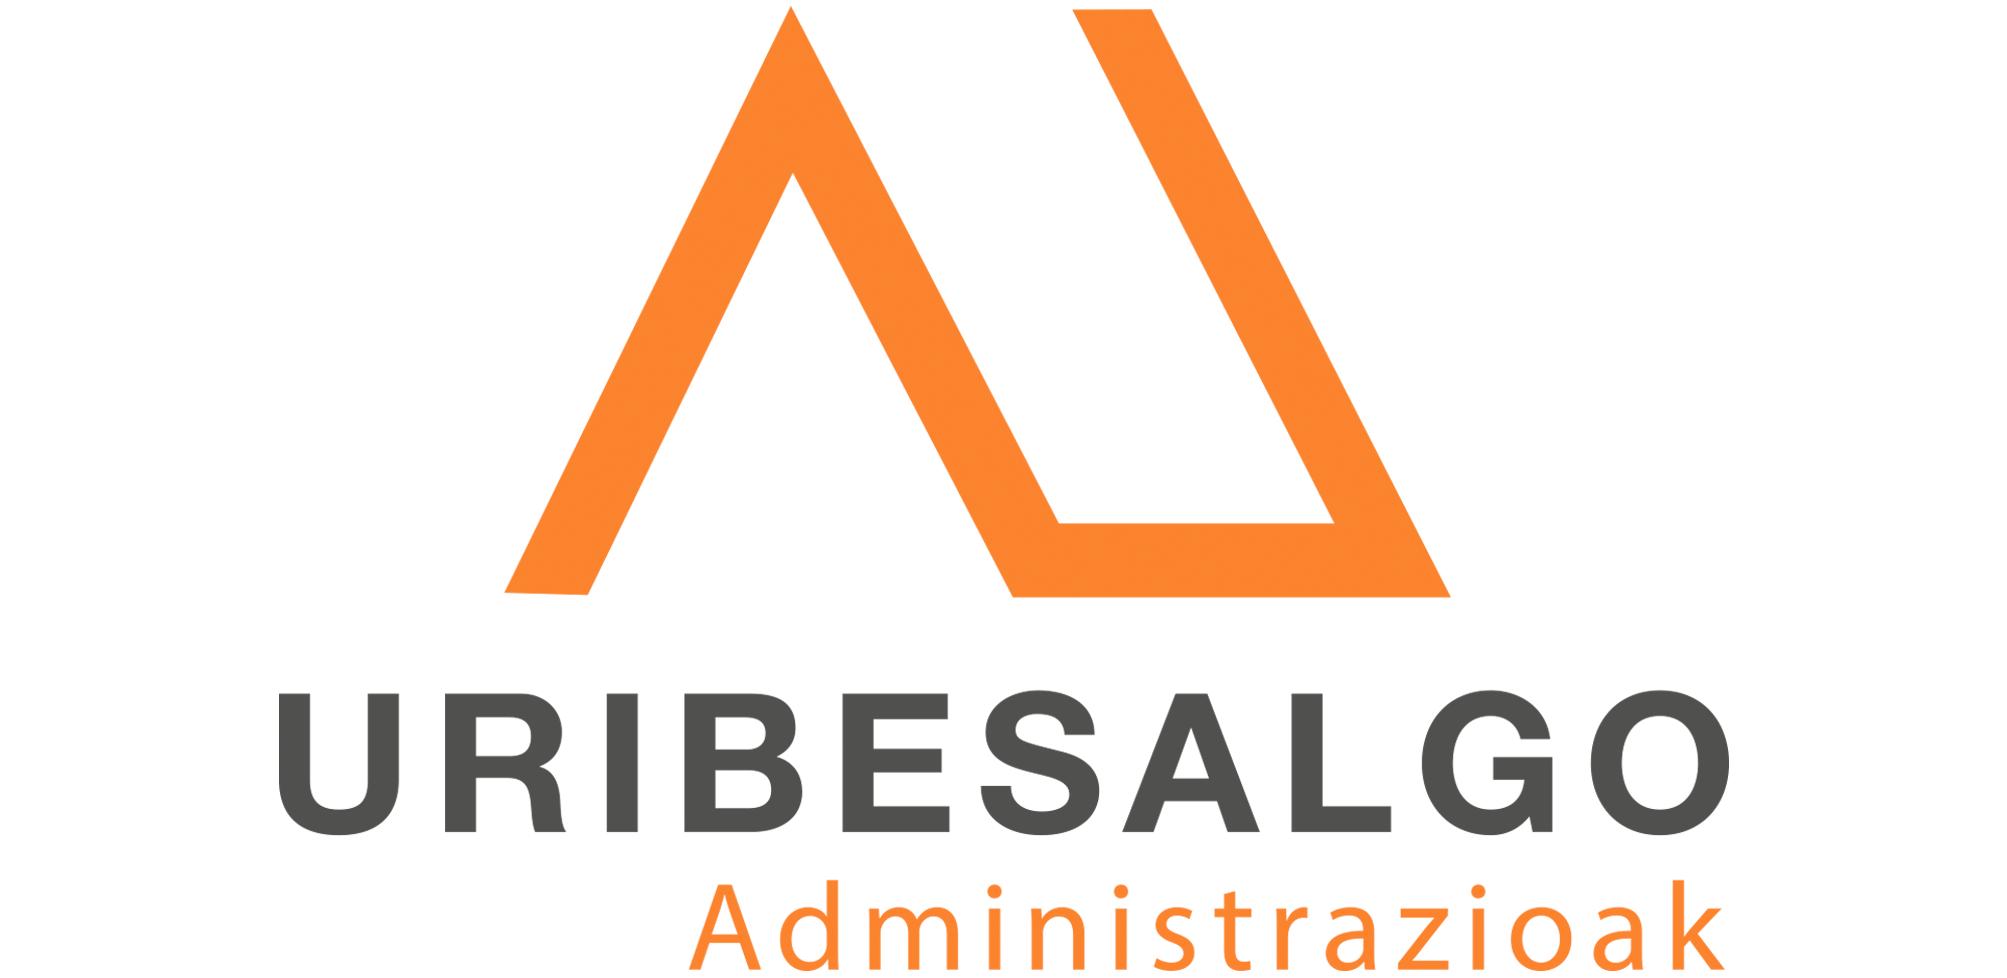 logotipo_uribesalgo